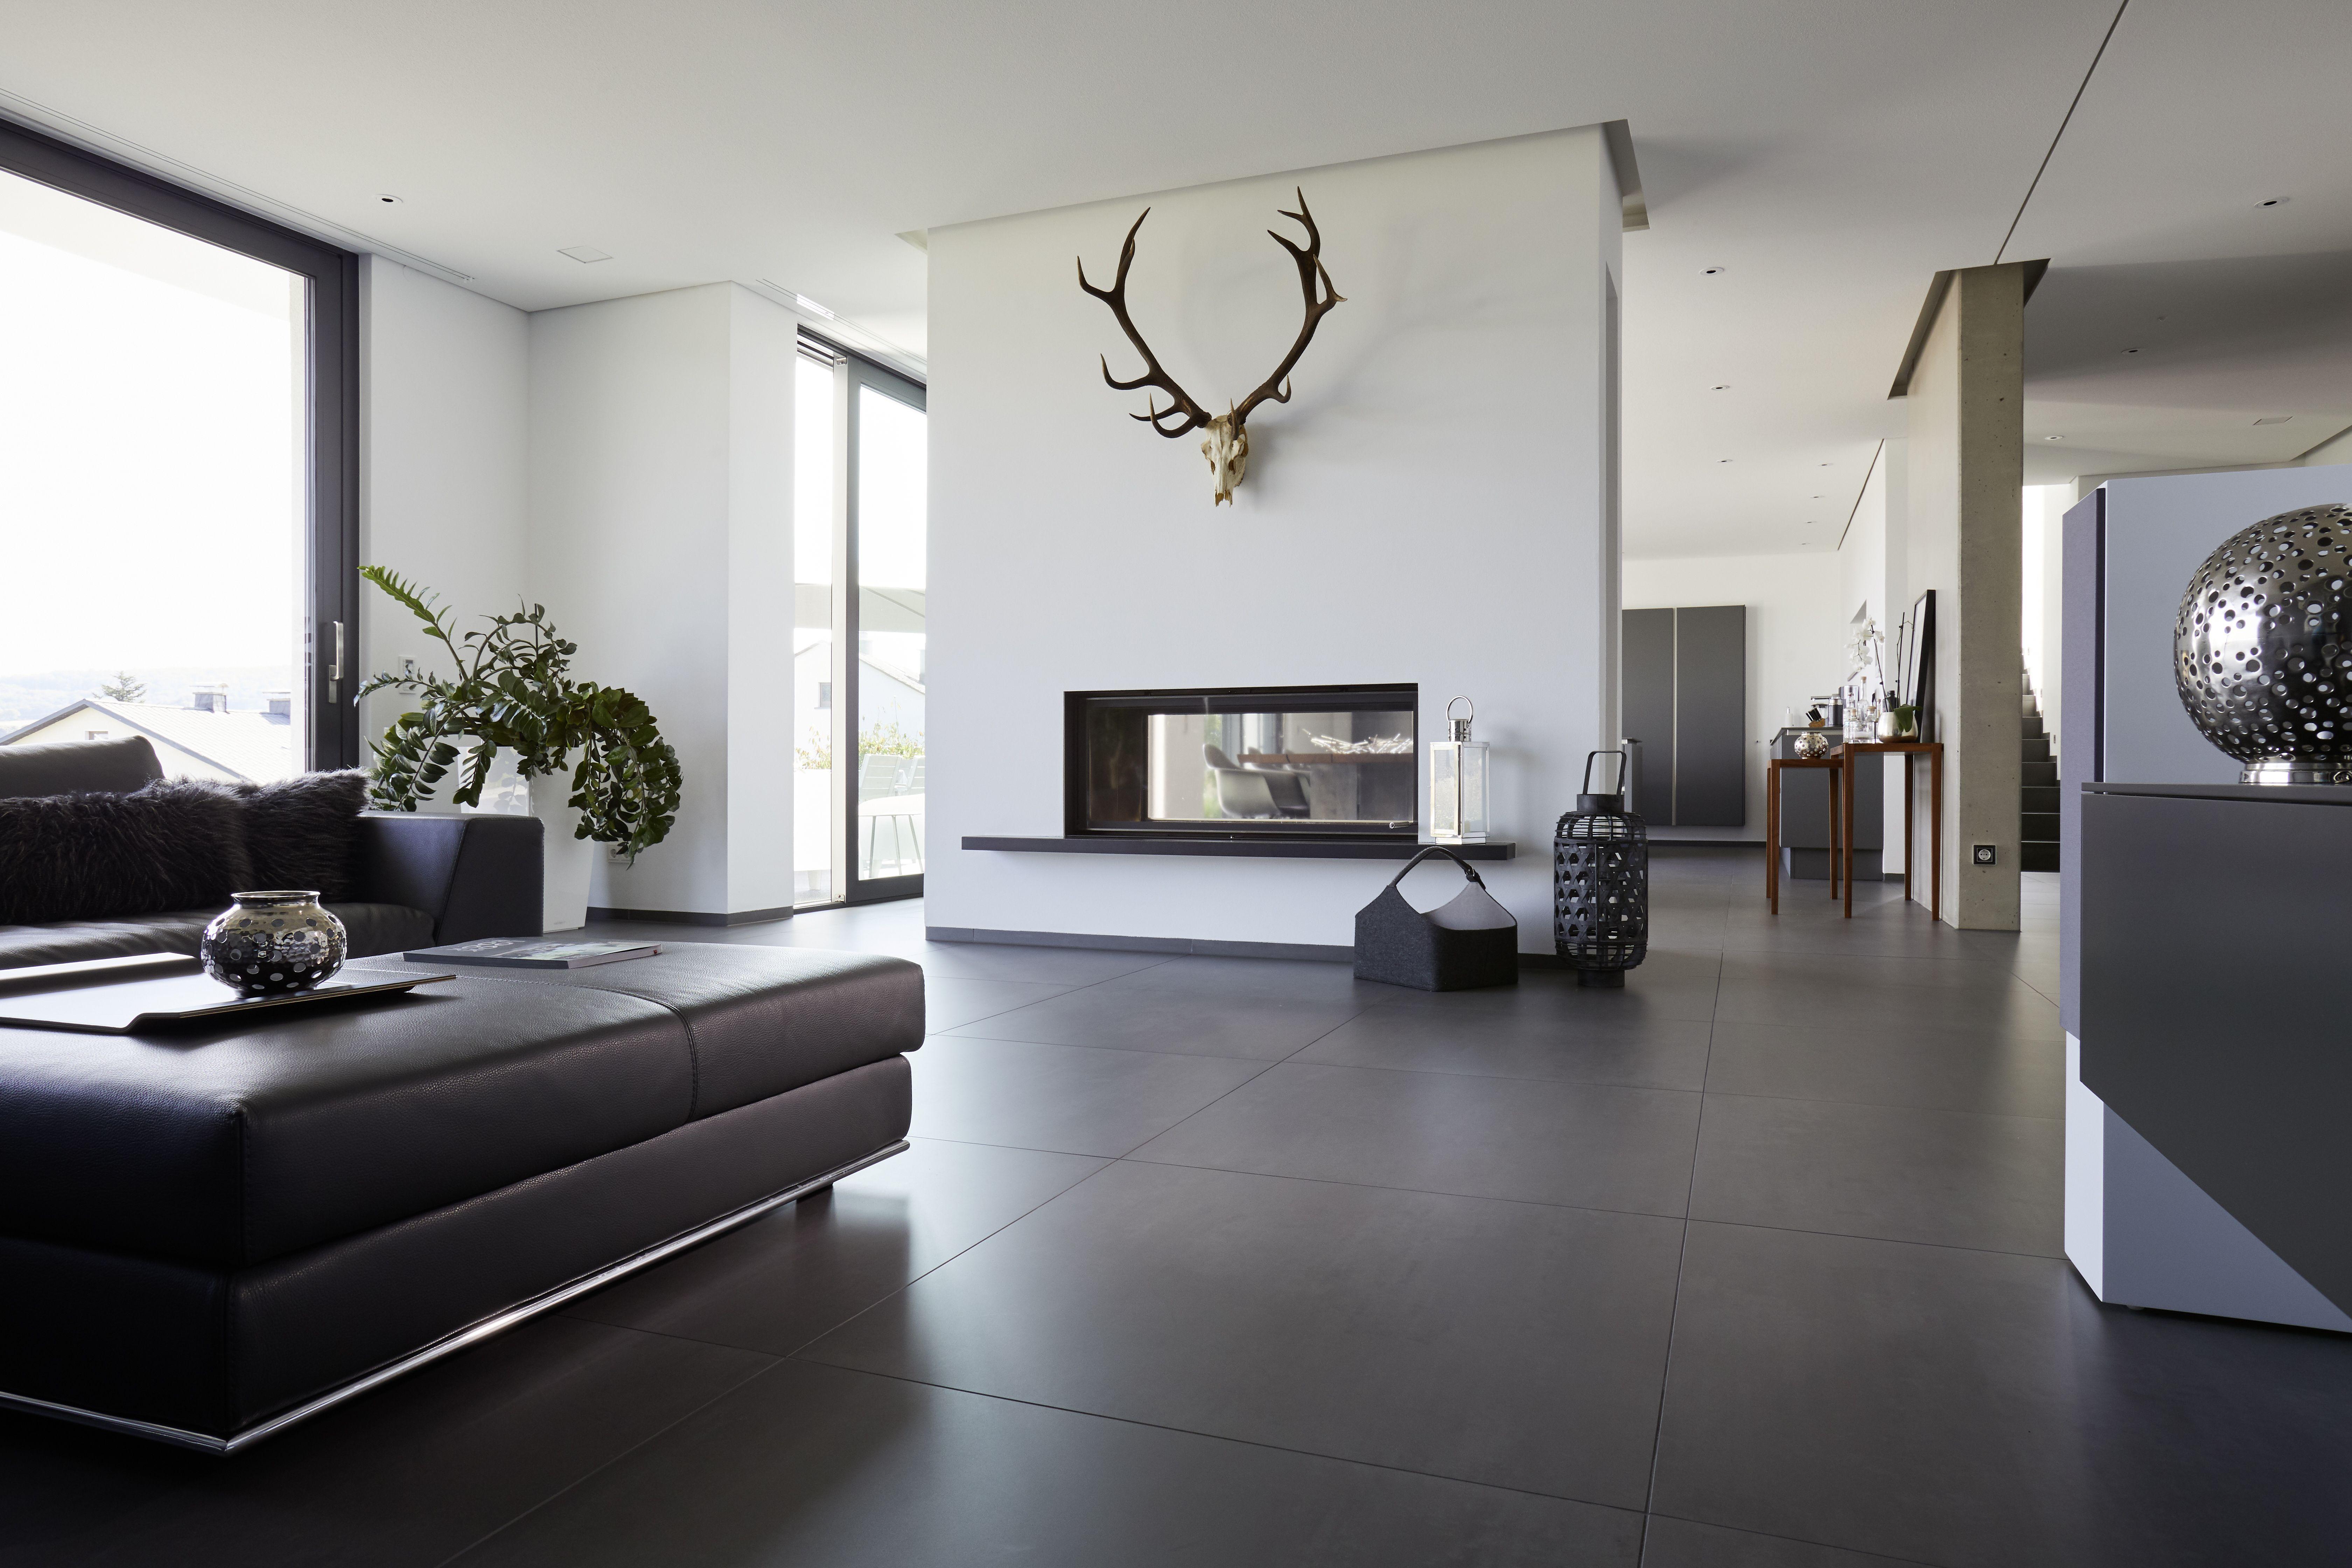 Wohnzimmer Inspiration mit Kamin in 10  Wohnzimmer inspiration